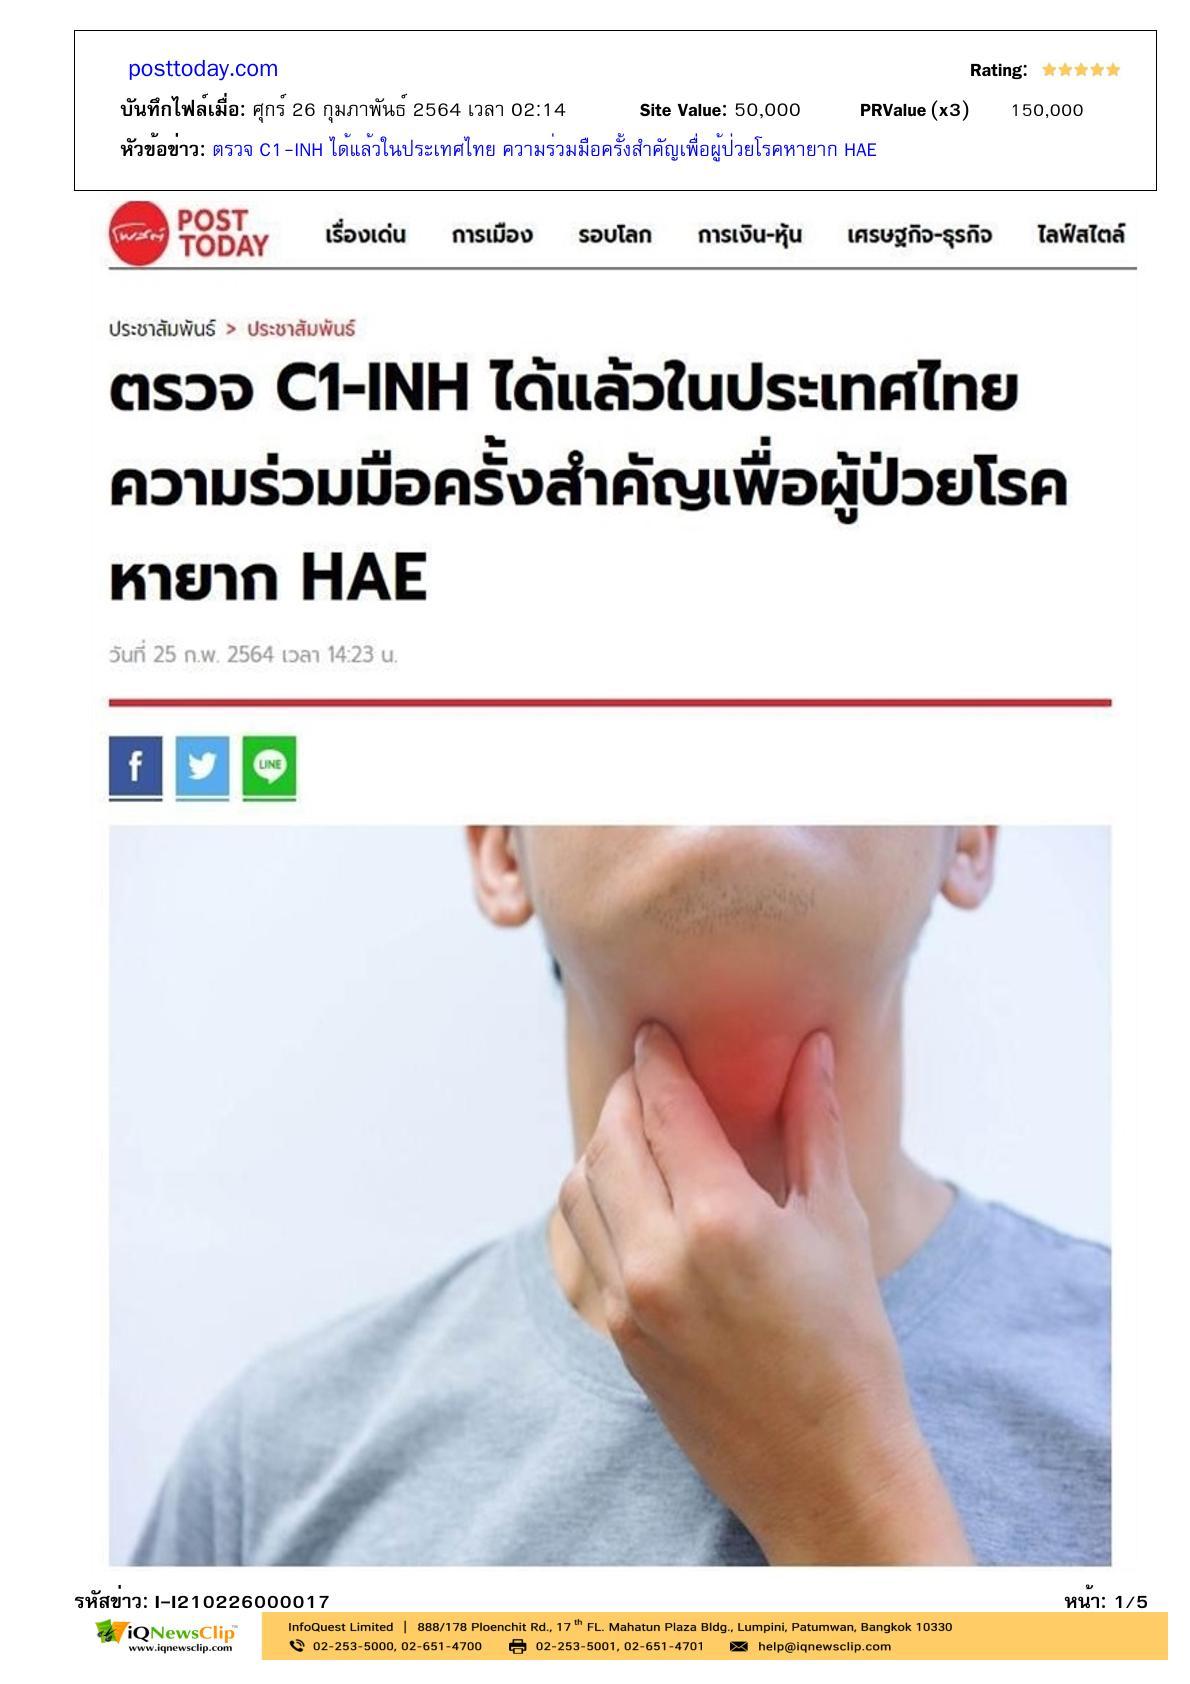 """บทความเรื่อง """"ตรวจ C1-INH ได้แล้วในประเทศไทย ความร่วมมือครั้งสำคัญเพื่อผู้ป่วยโรคหายาก HAE"""""""